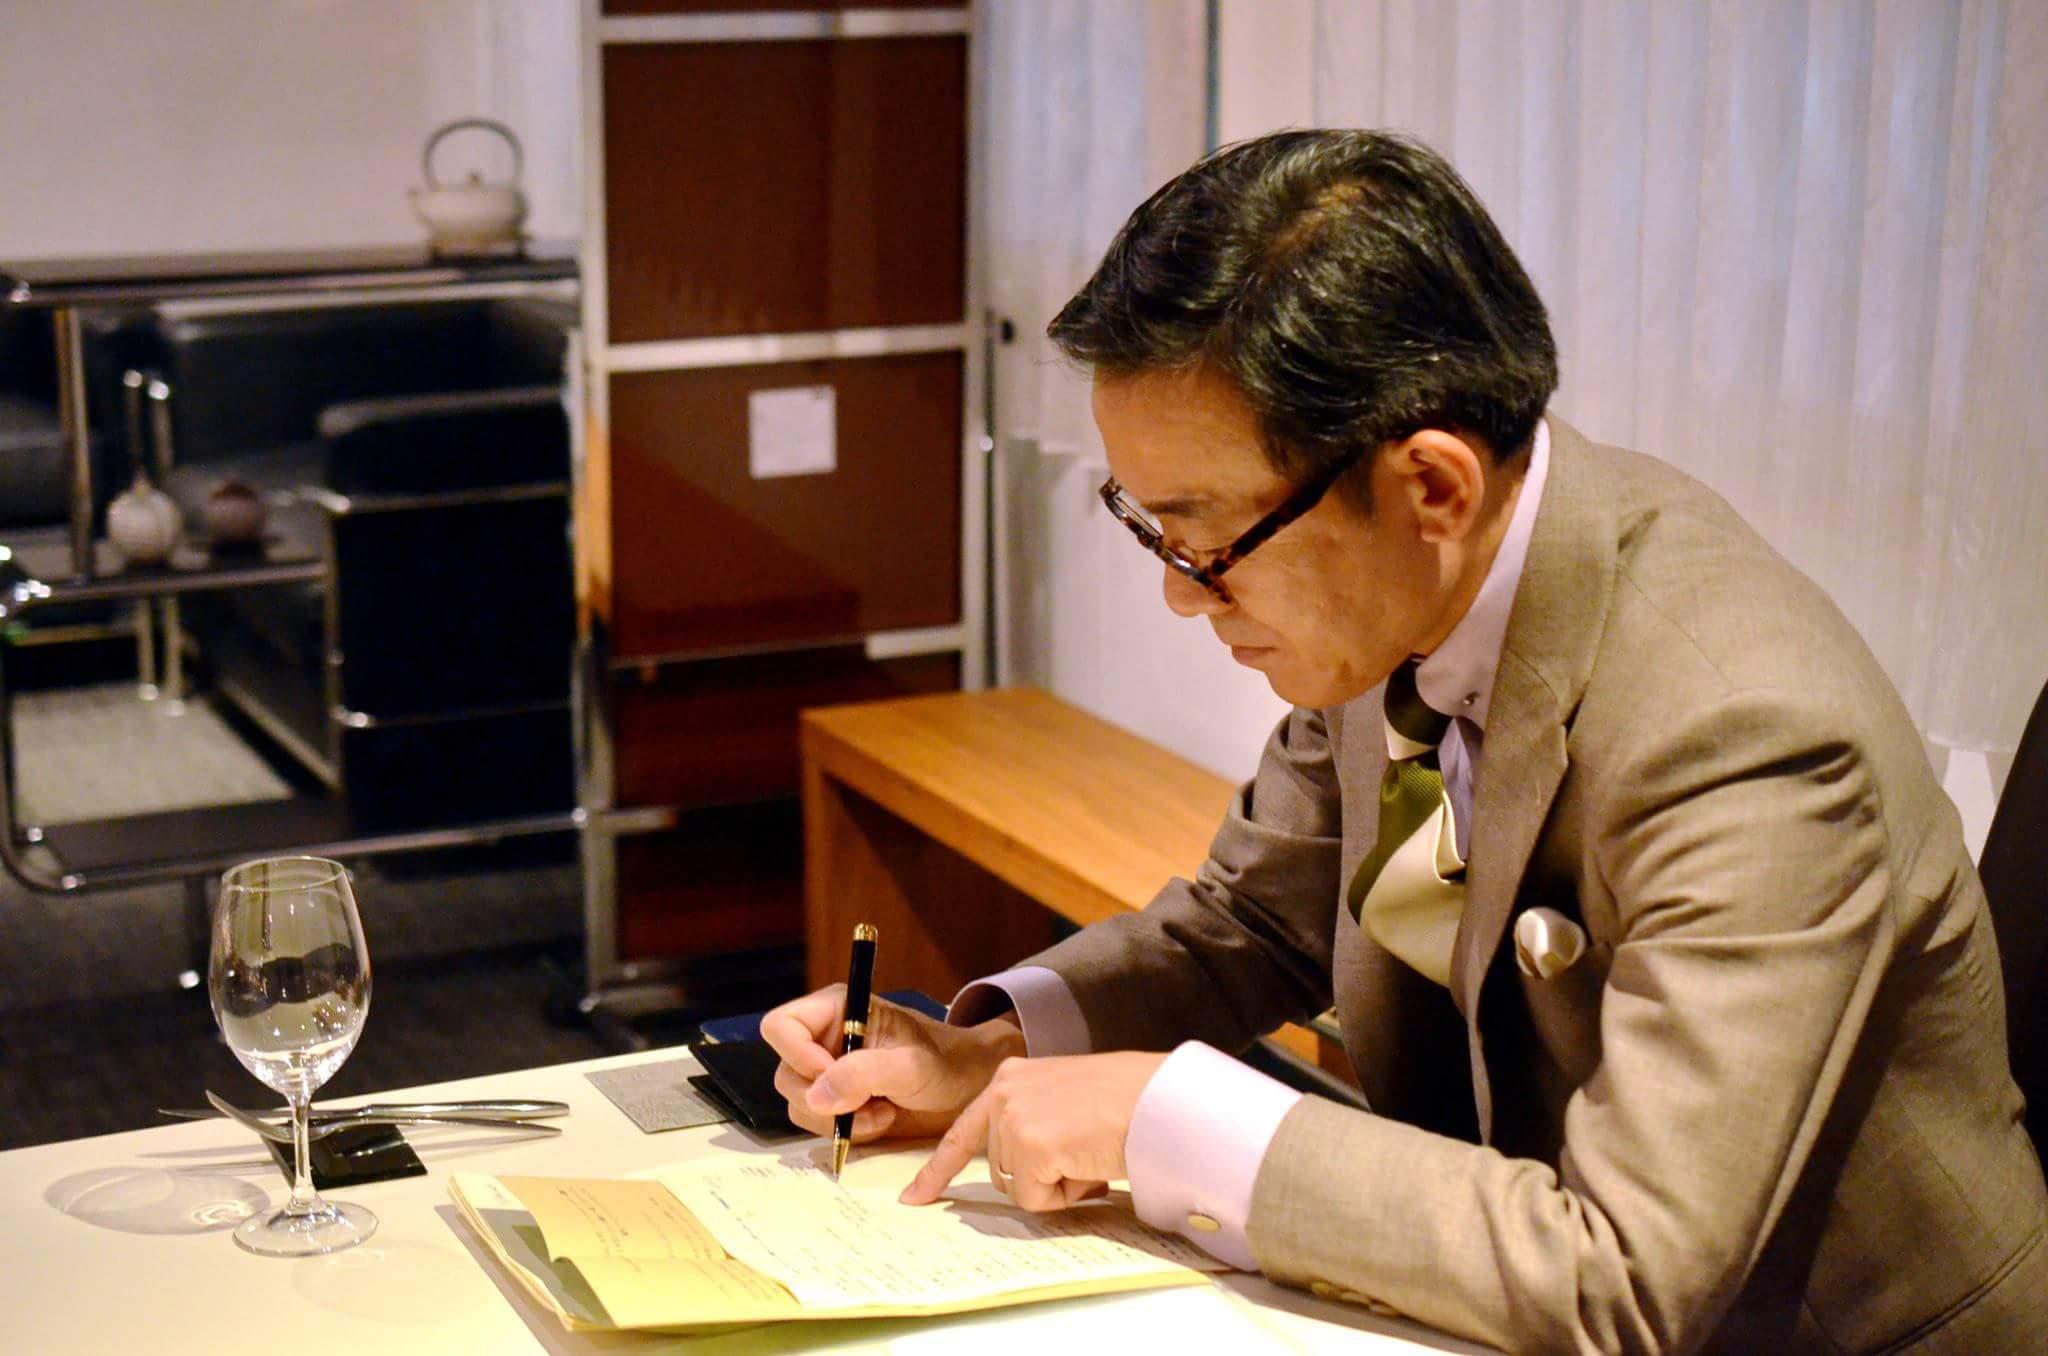 ずっと金沢で、男と女 ~ モダン・ジェントルマン・スタイル講座_e0334462_22535385.jpeg